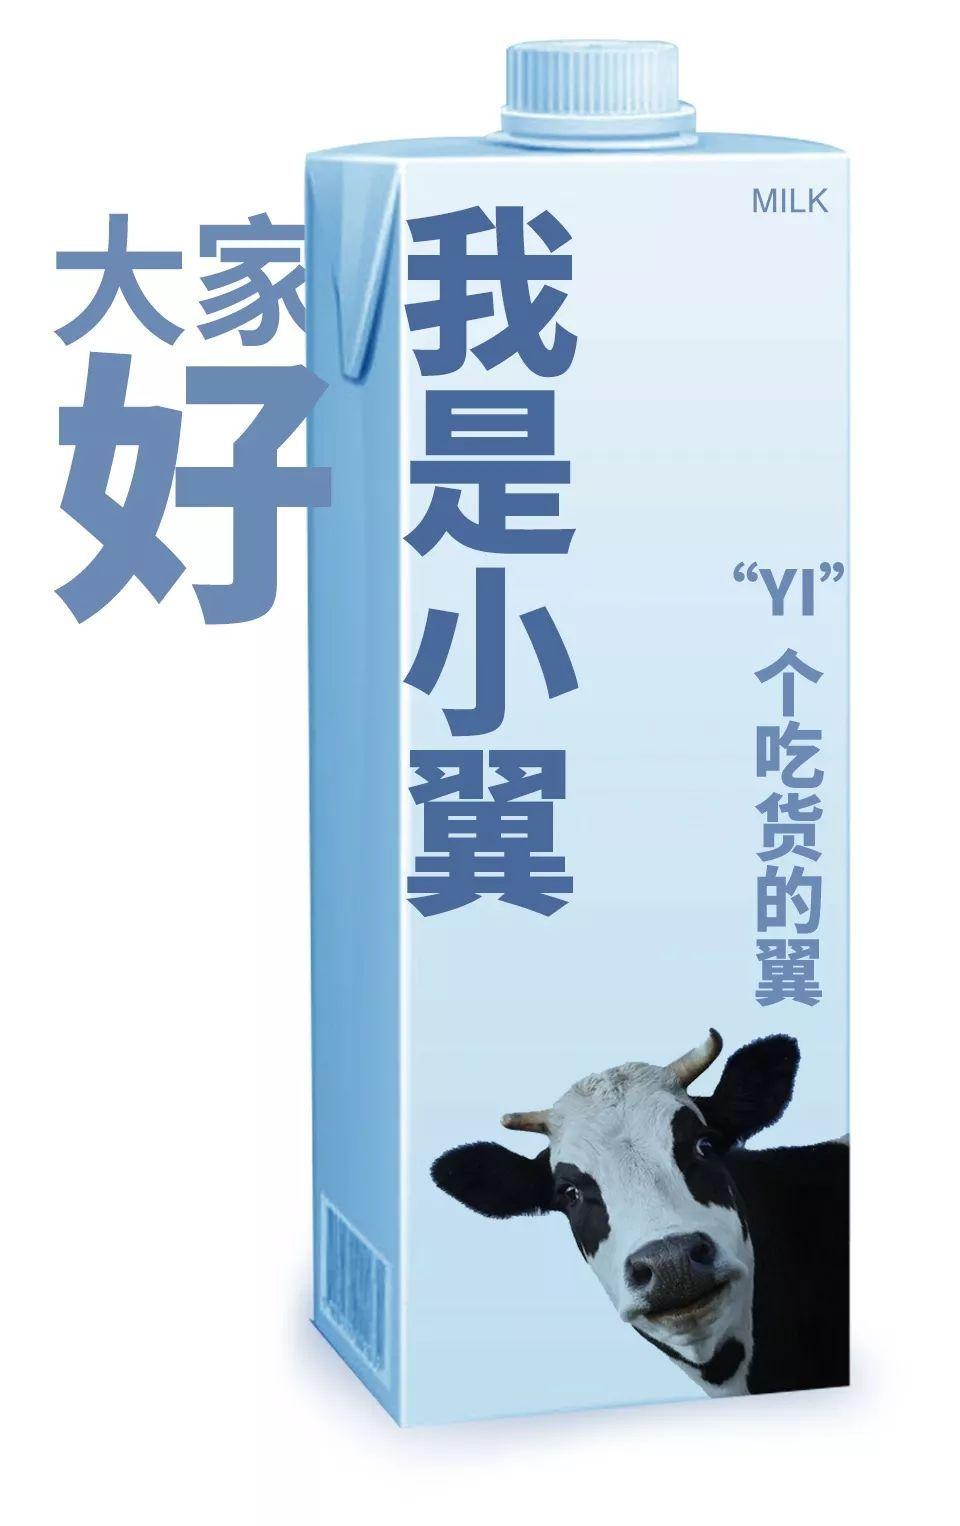 【3件66折,还送优惠券】喝了20年牛奶,你告诉我喝错了?